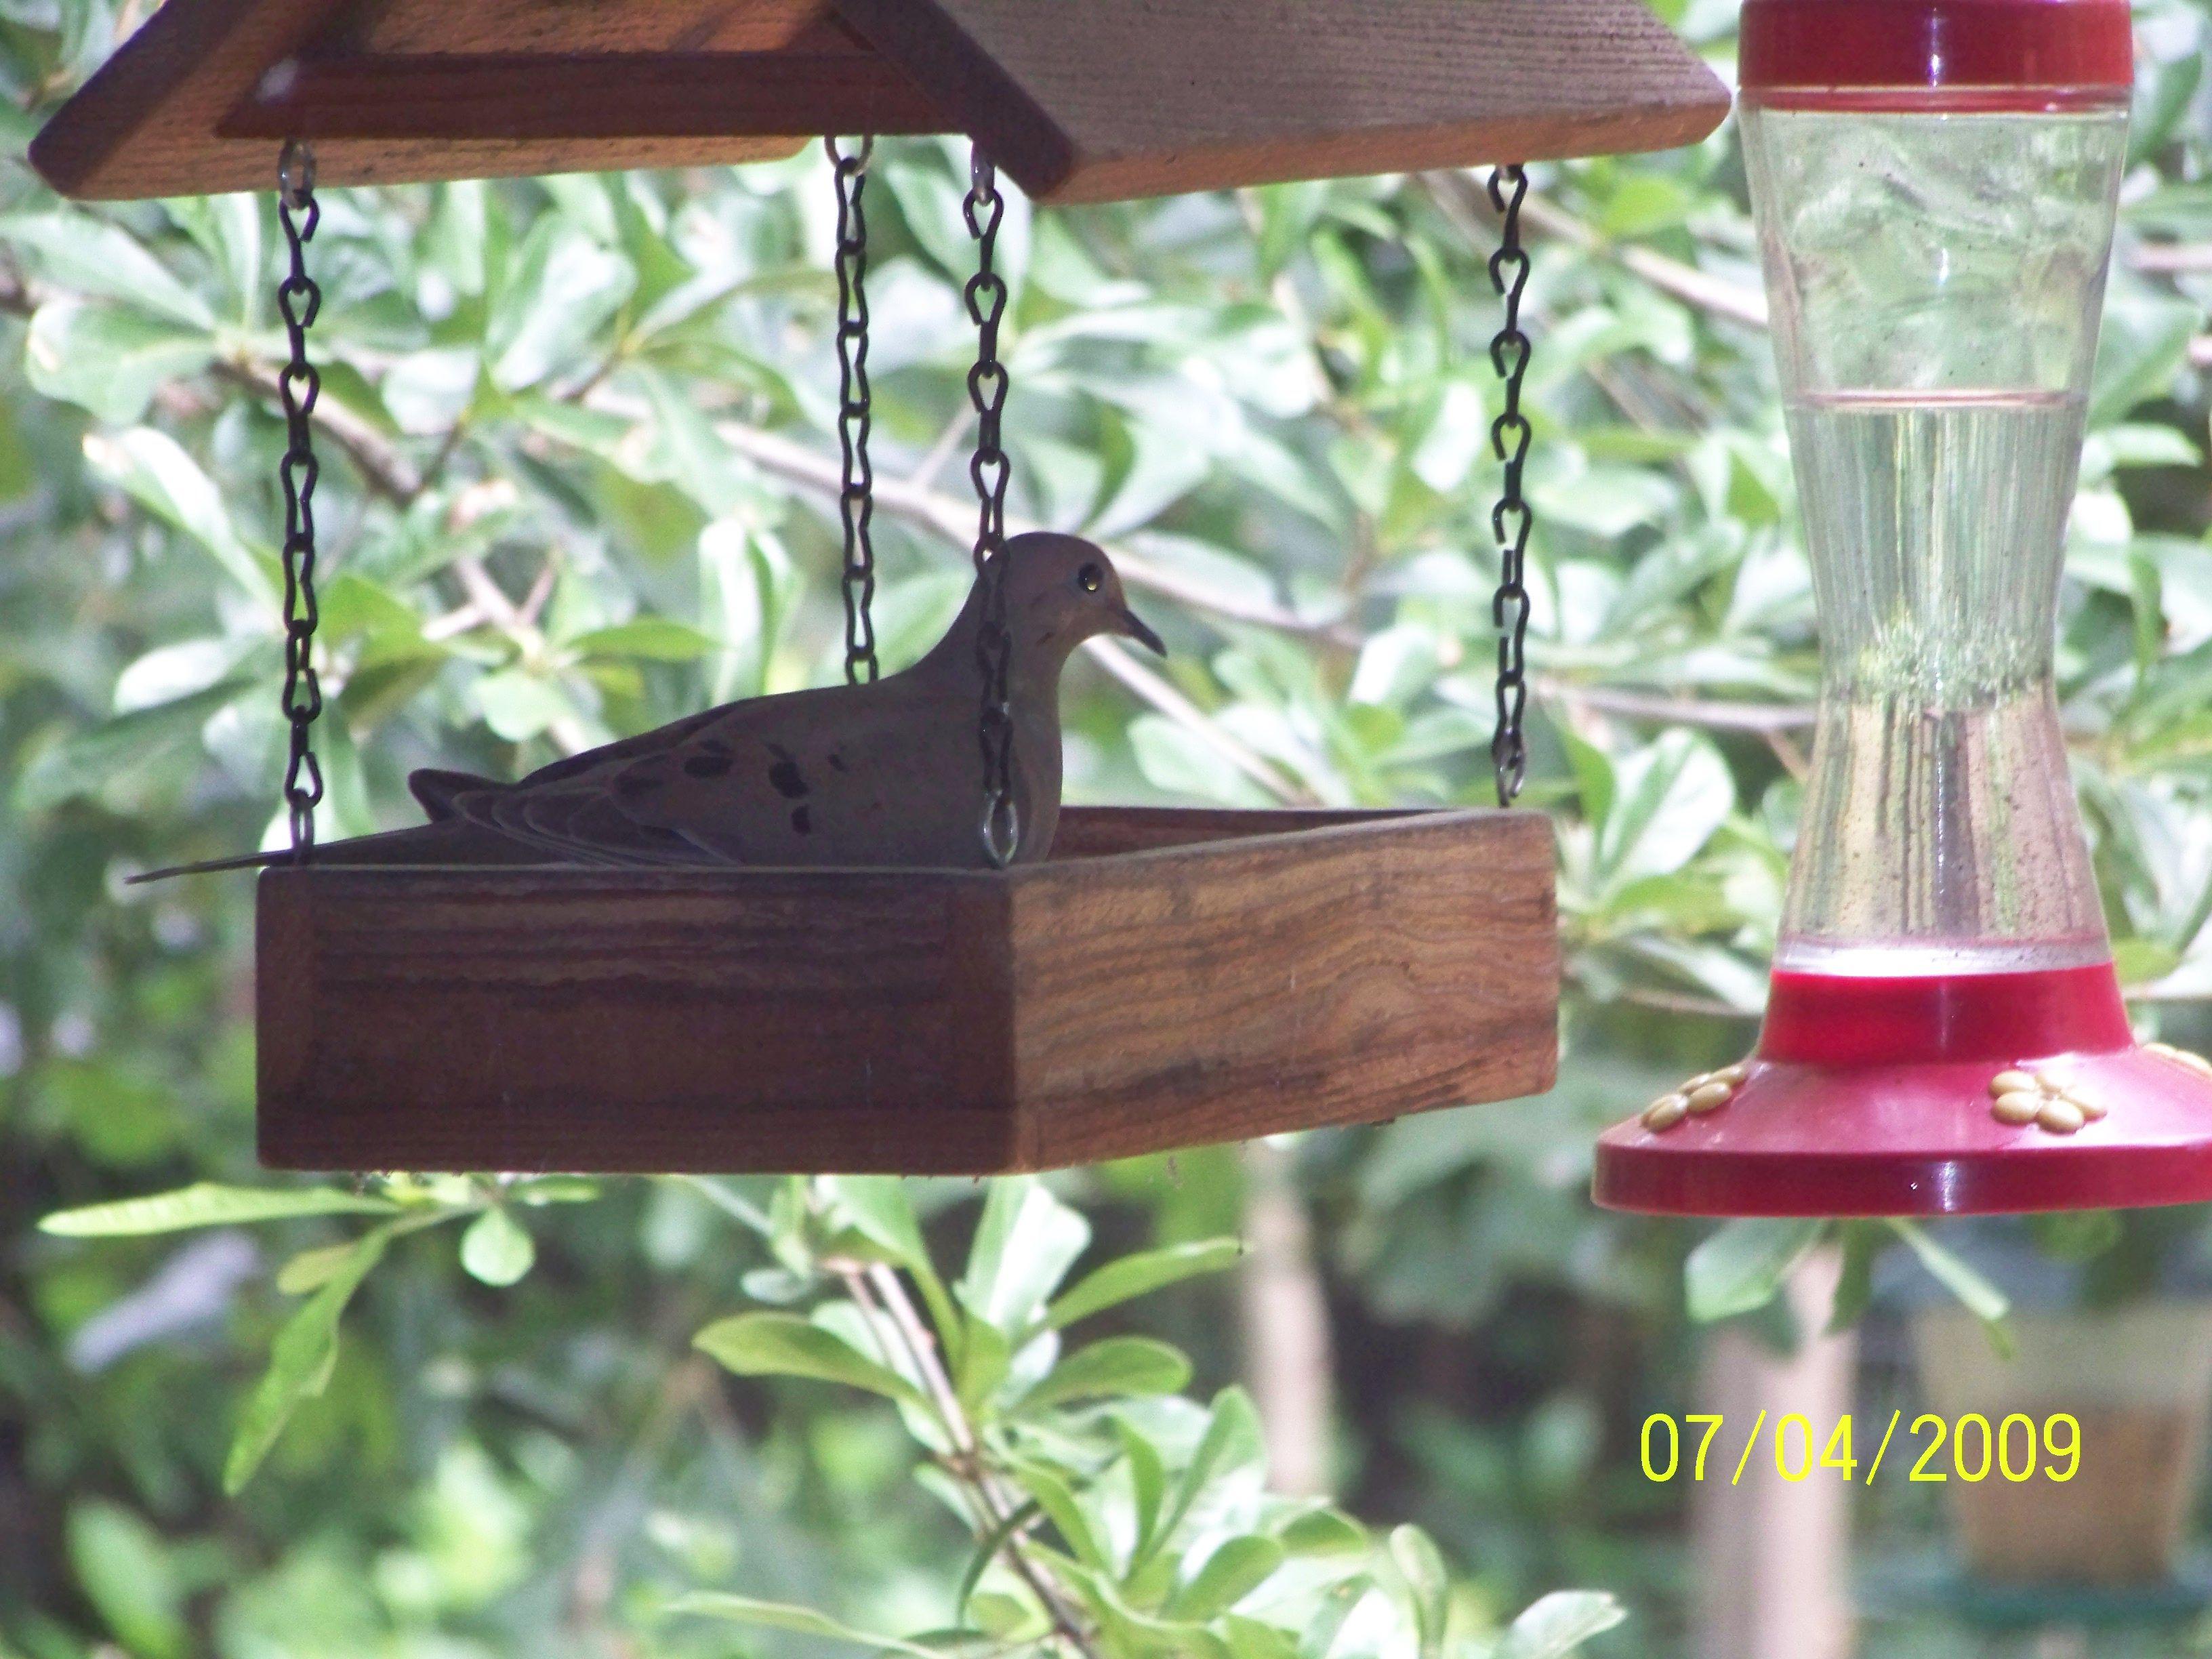 I had a dove in the bird feeder bird feeders birds